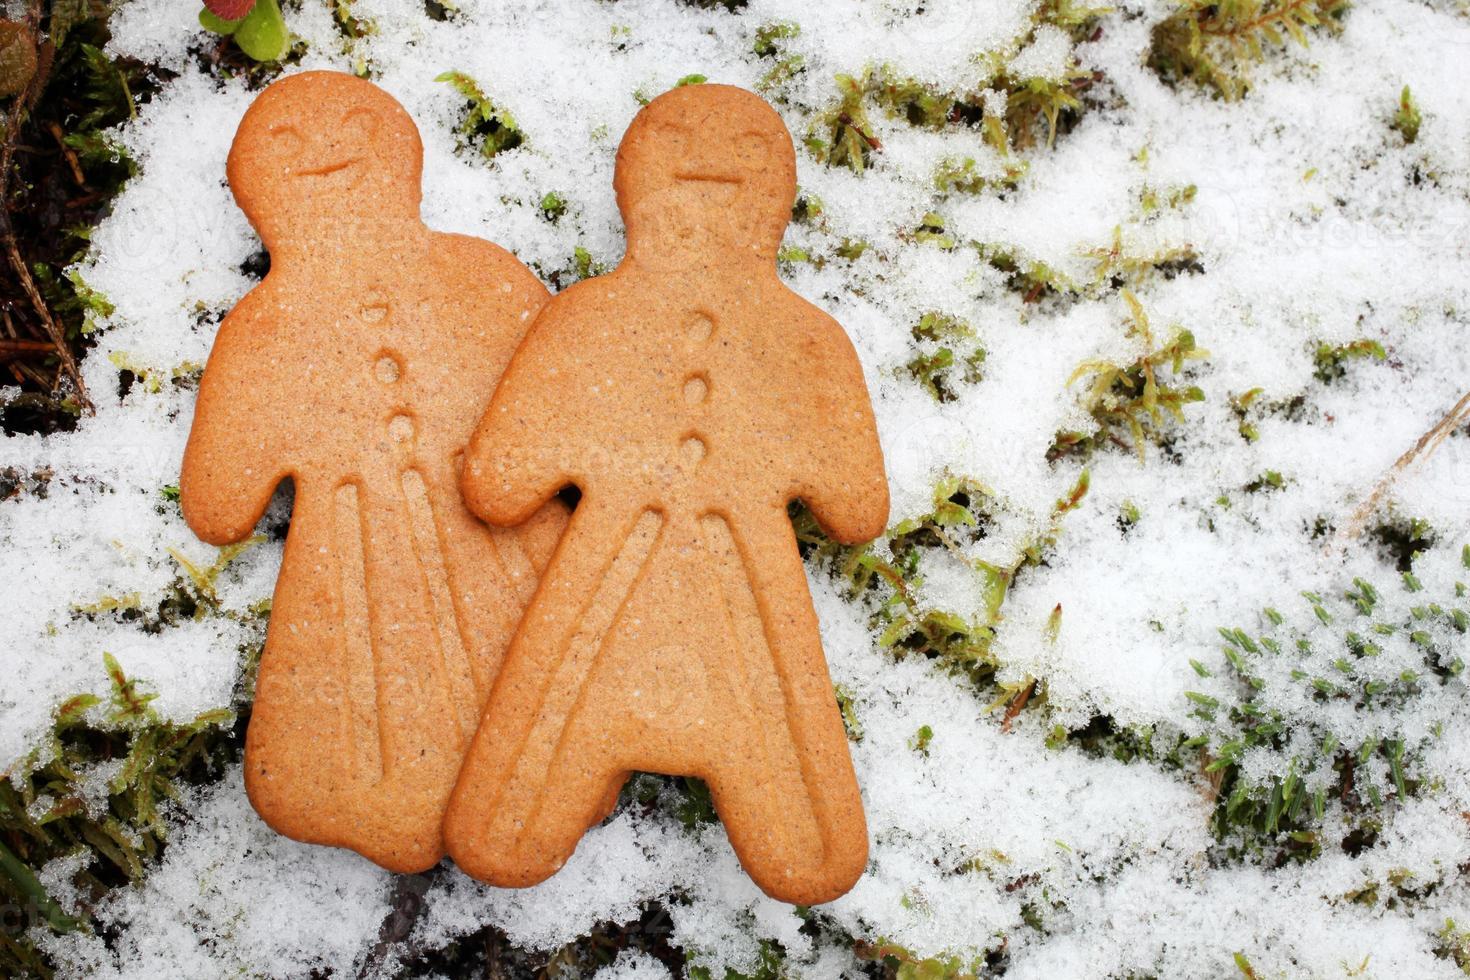 biscuits de pain d'épice sur fond d'hiver photo